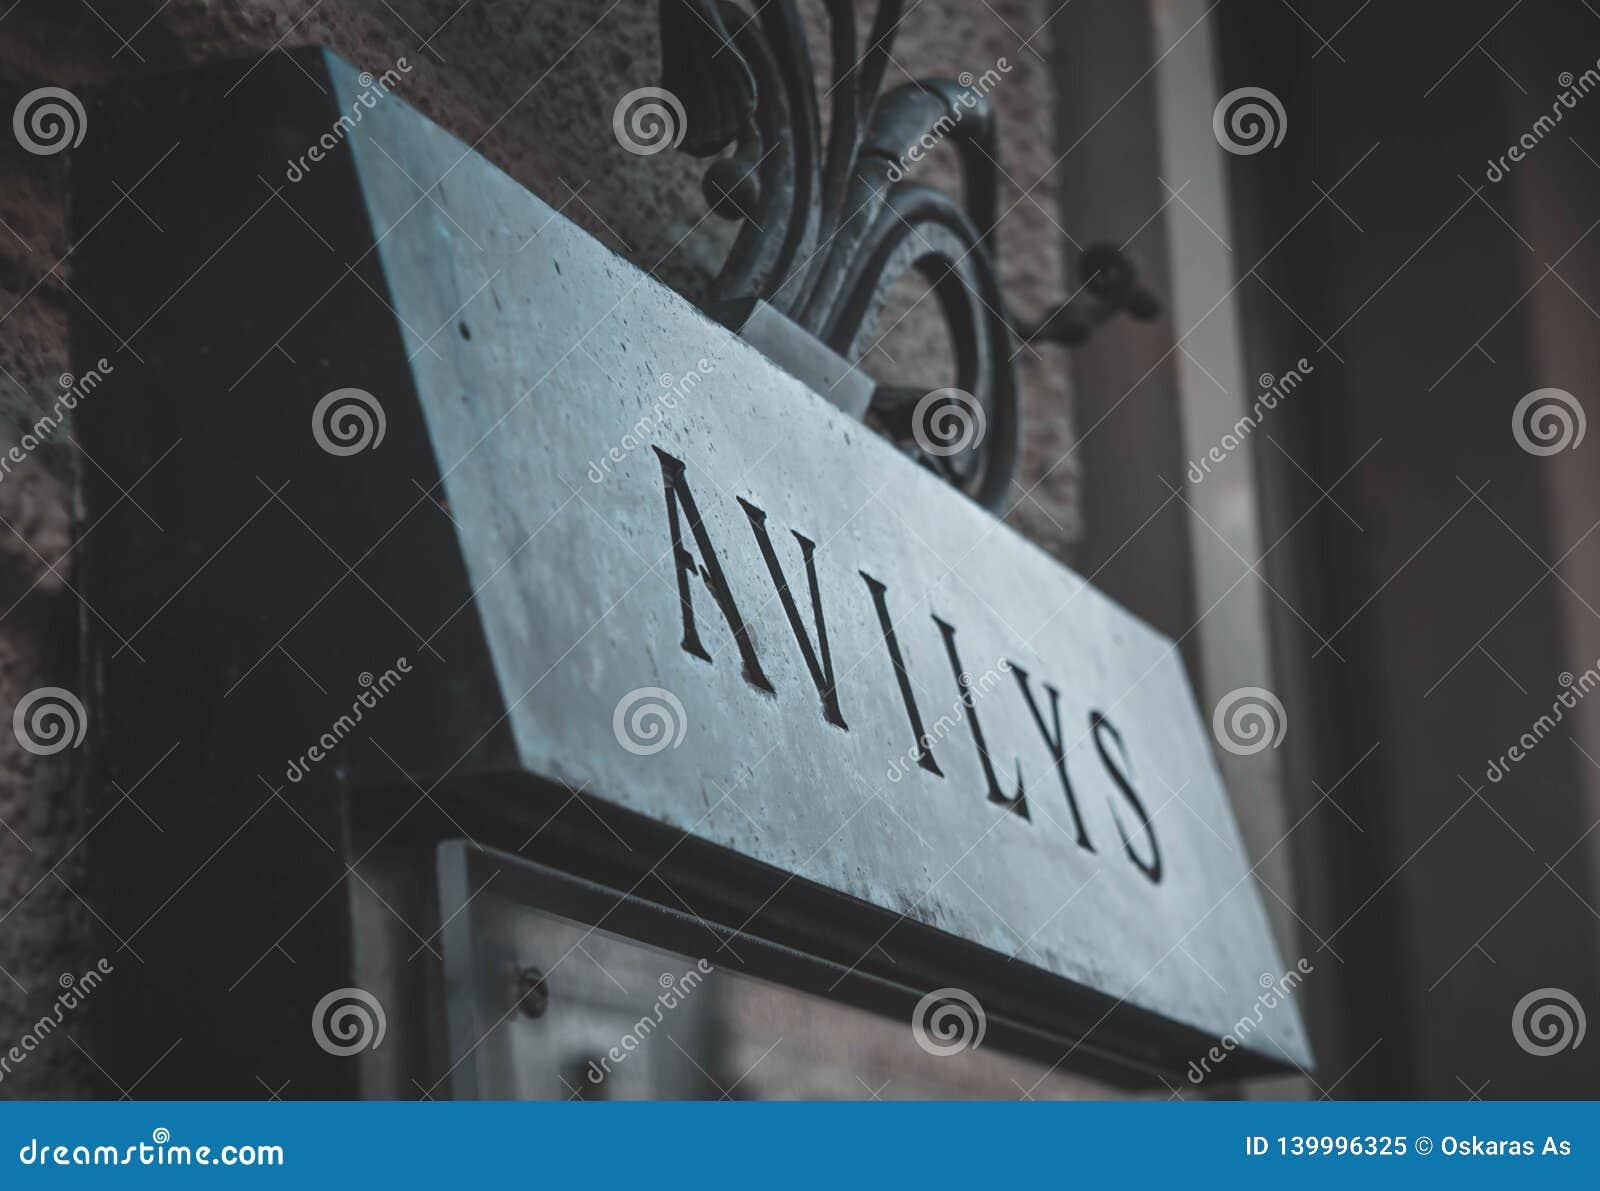 El restaurante de Avilys firma adentro la ciudad vieja